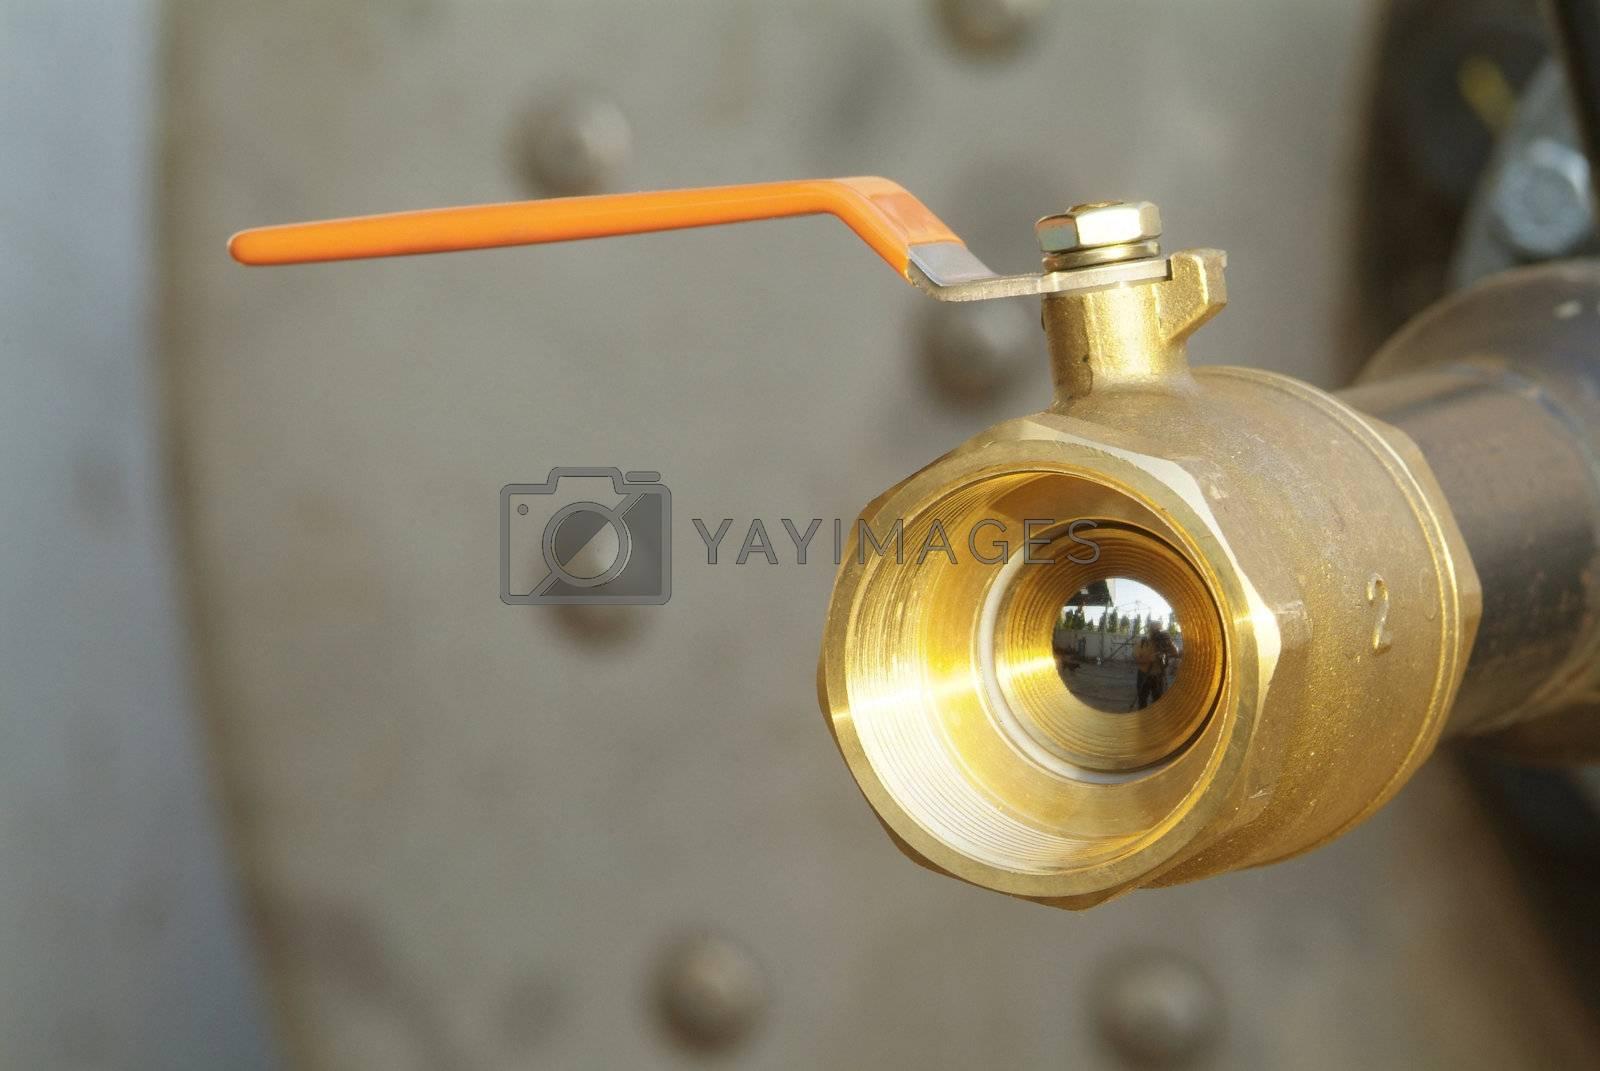 Ball valve with orange handle by epixx